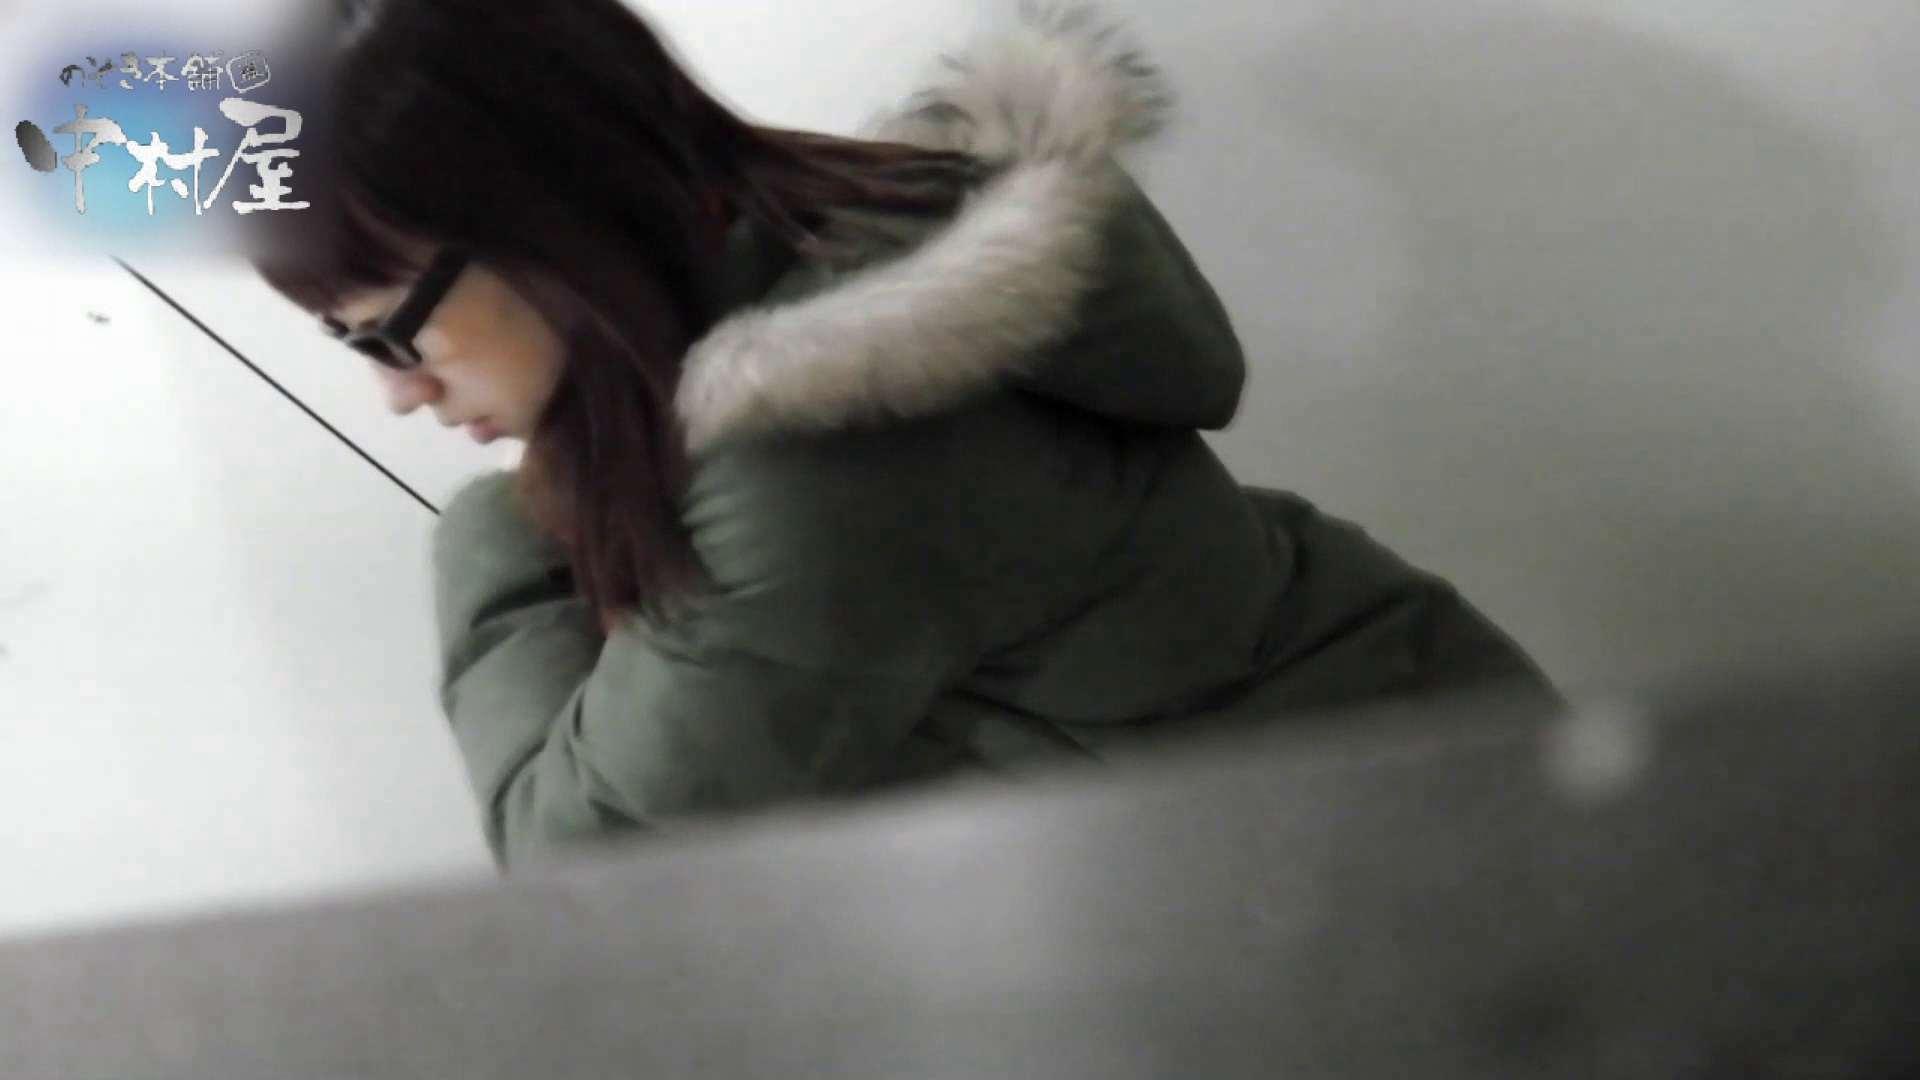 乙女集まる!ショッピングモール潜入撮vol.12 乙女のエロ動画   和式  78PIX 1